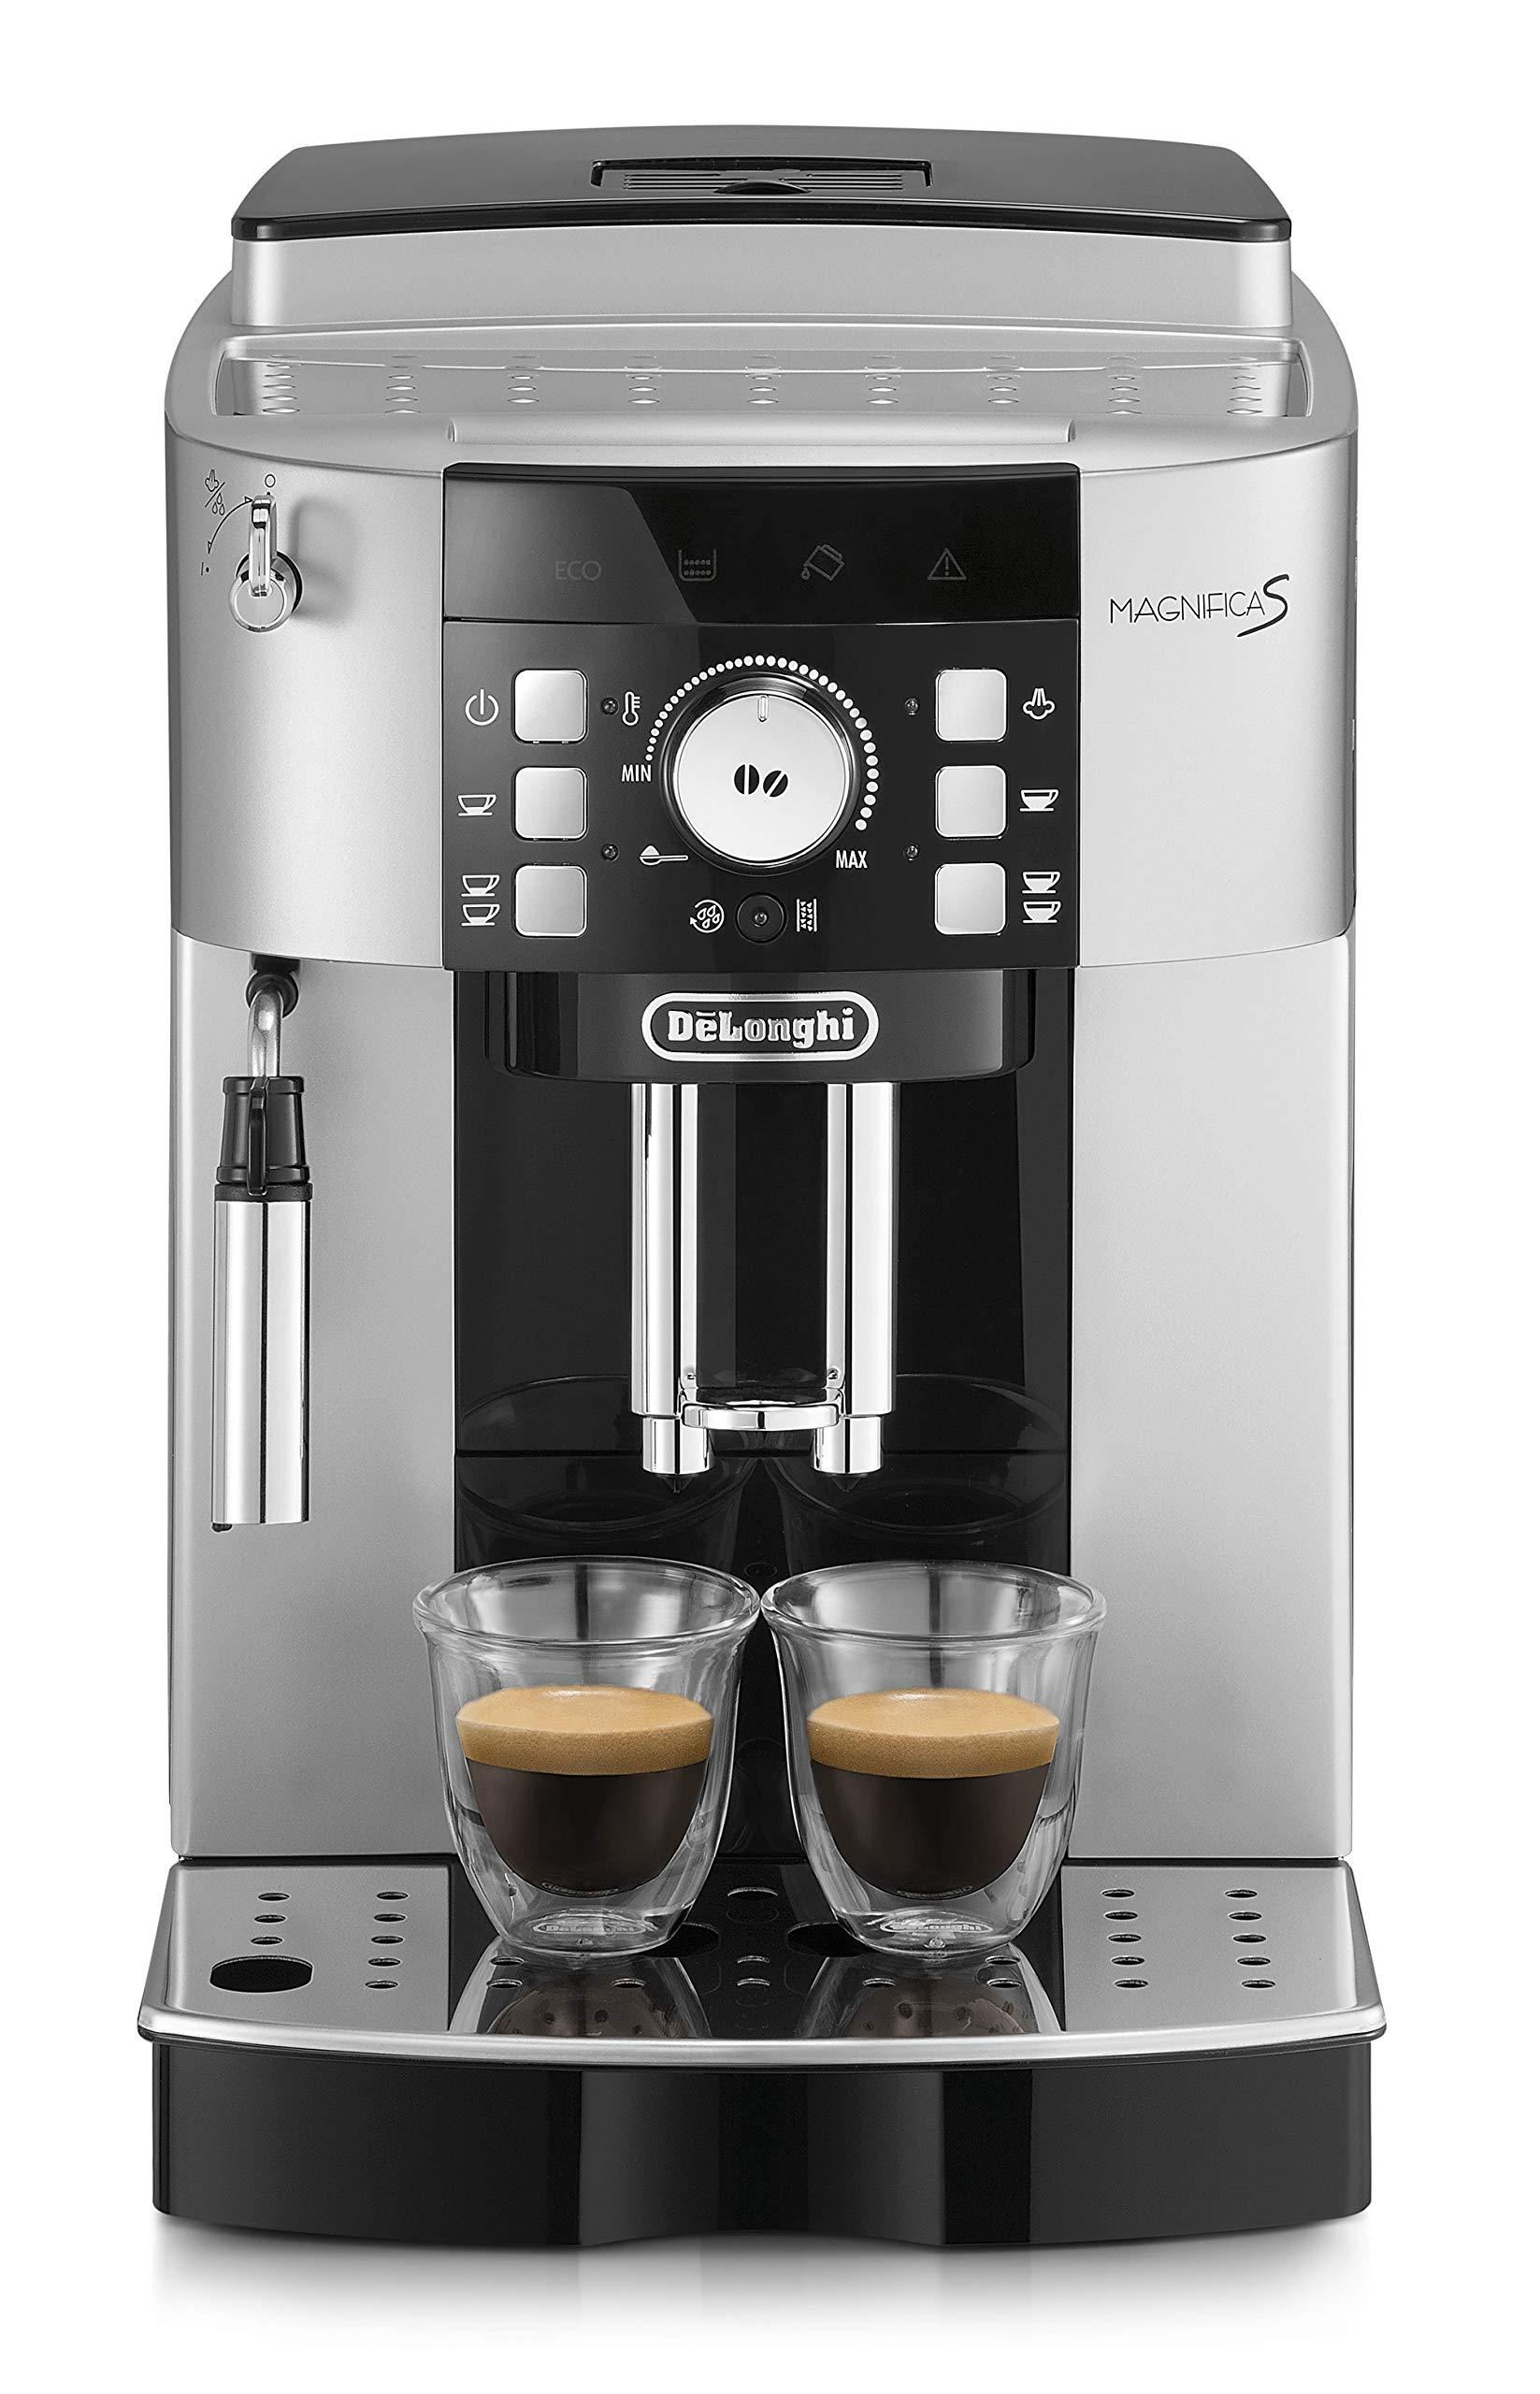 DeLonghi ECAM 21.117.SB Máquina espresso, 1450 W, 1.8 litros, plástico, Plateado/Negro: Amazon.es: Hogar